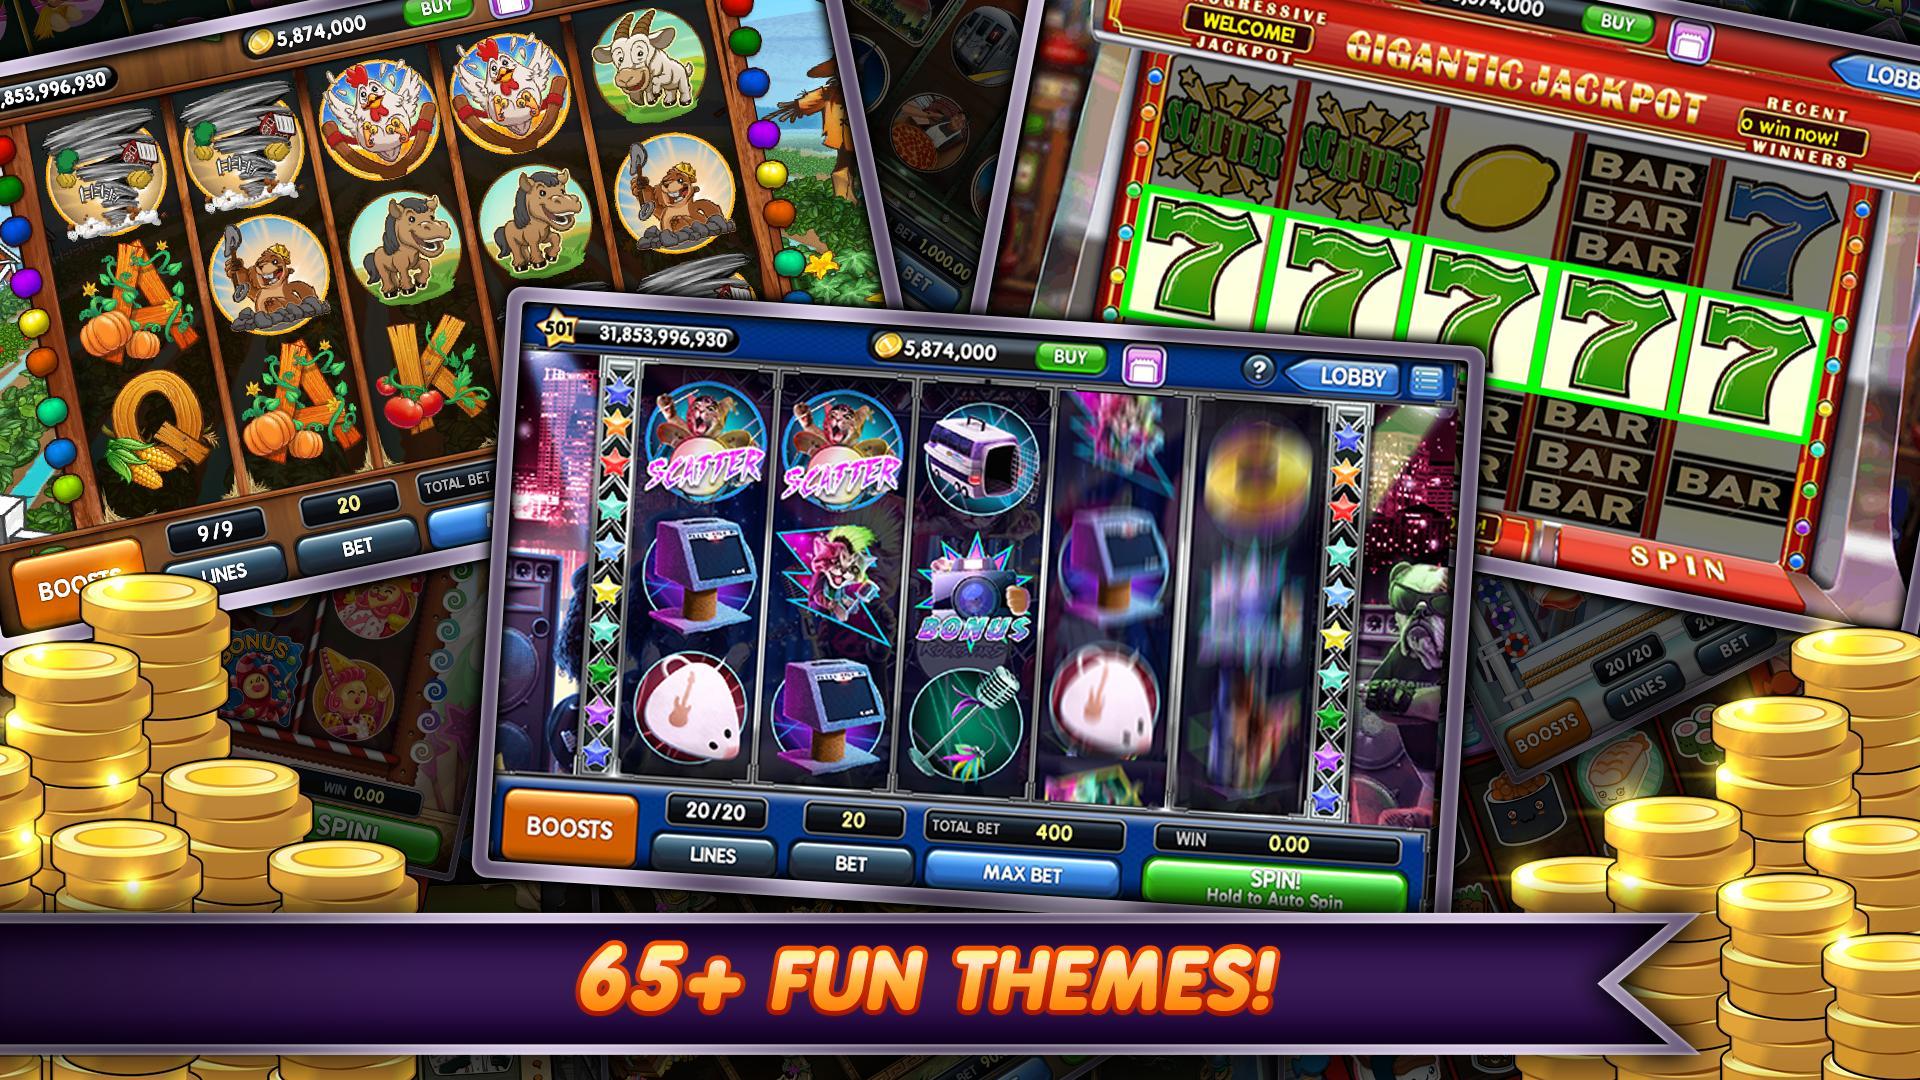 Top 7 Online Slots Games